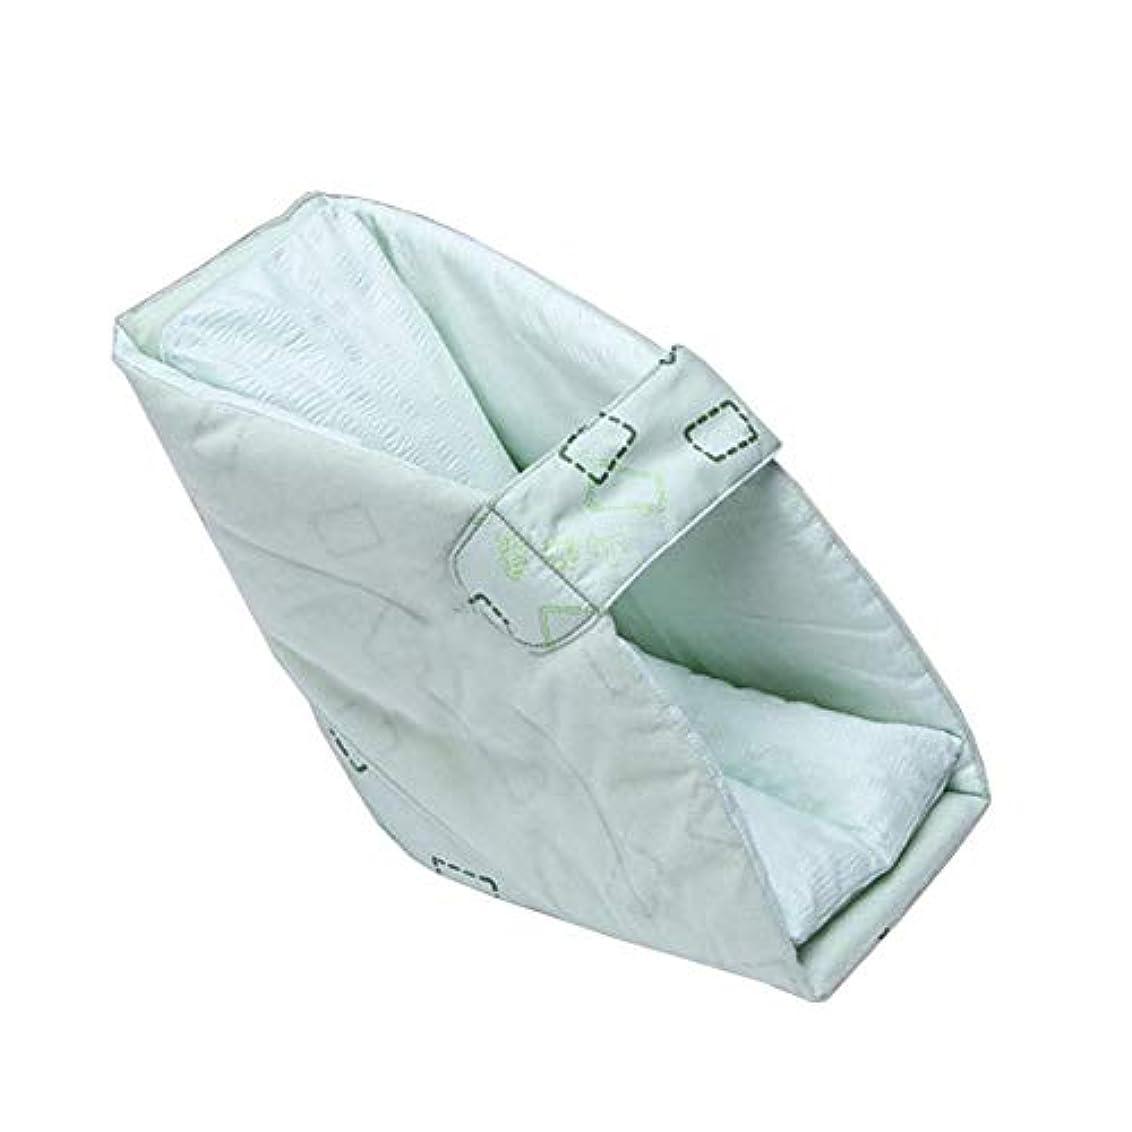 普及筋品足首フットカバー、ヒールフットドロップ保護パッド、車椅子の耐摩耗性フットカバーベッド患者ケア製品